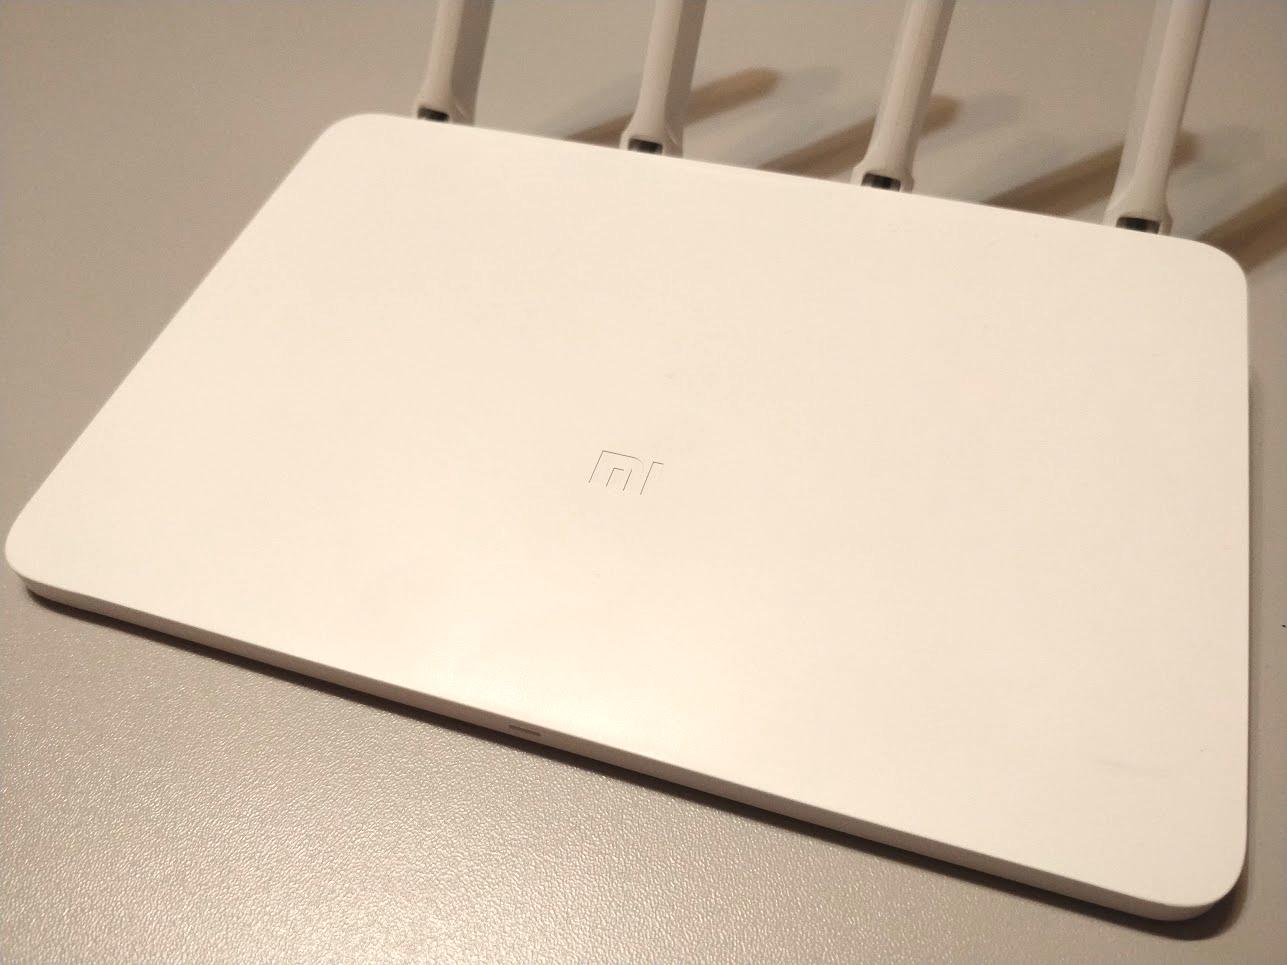 xiaomi-mi-router-3g-wifi-teszt-01